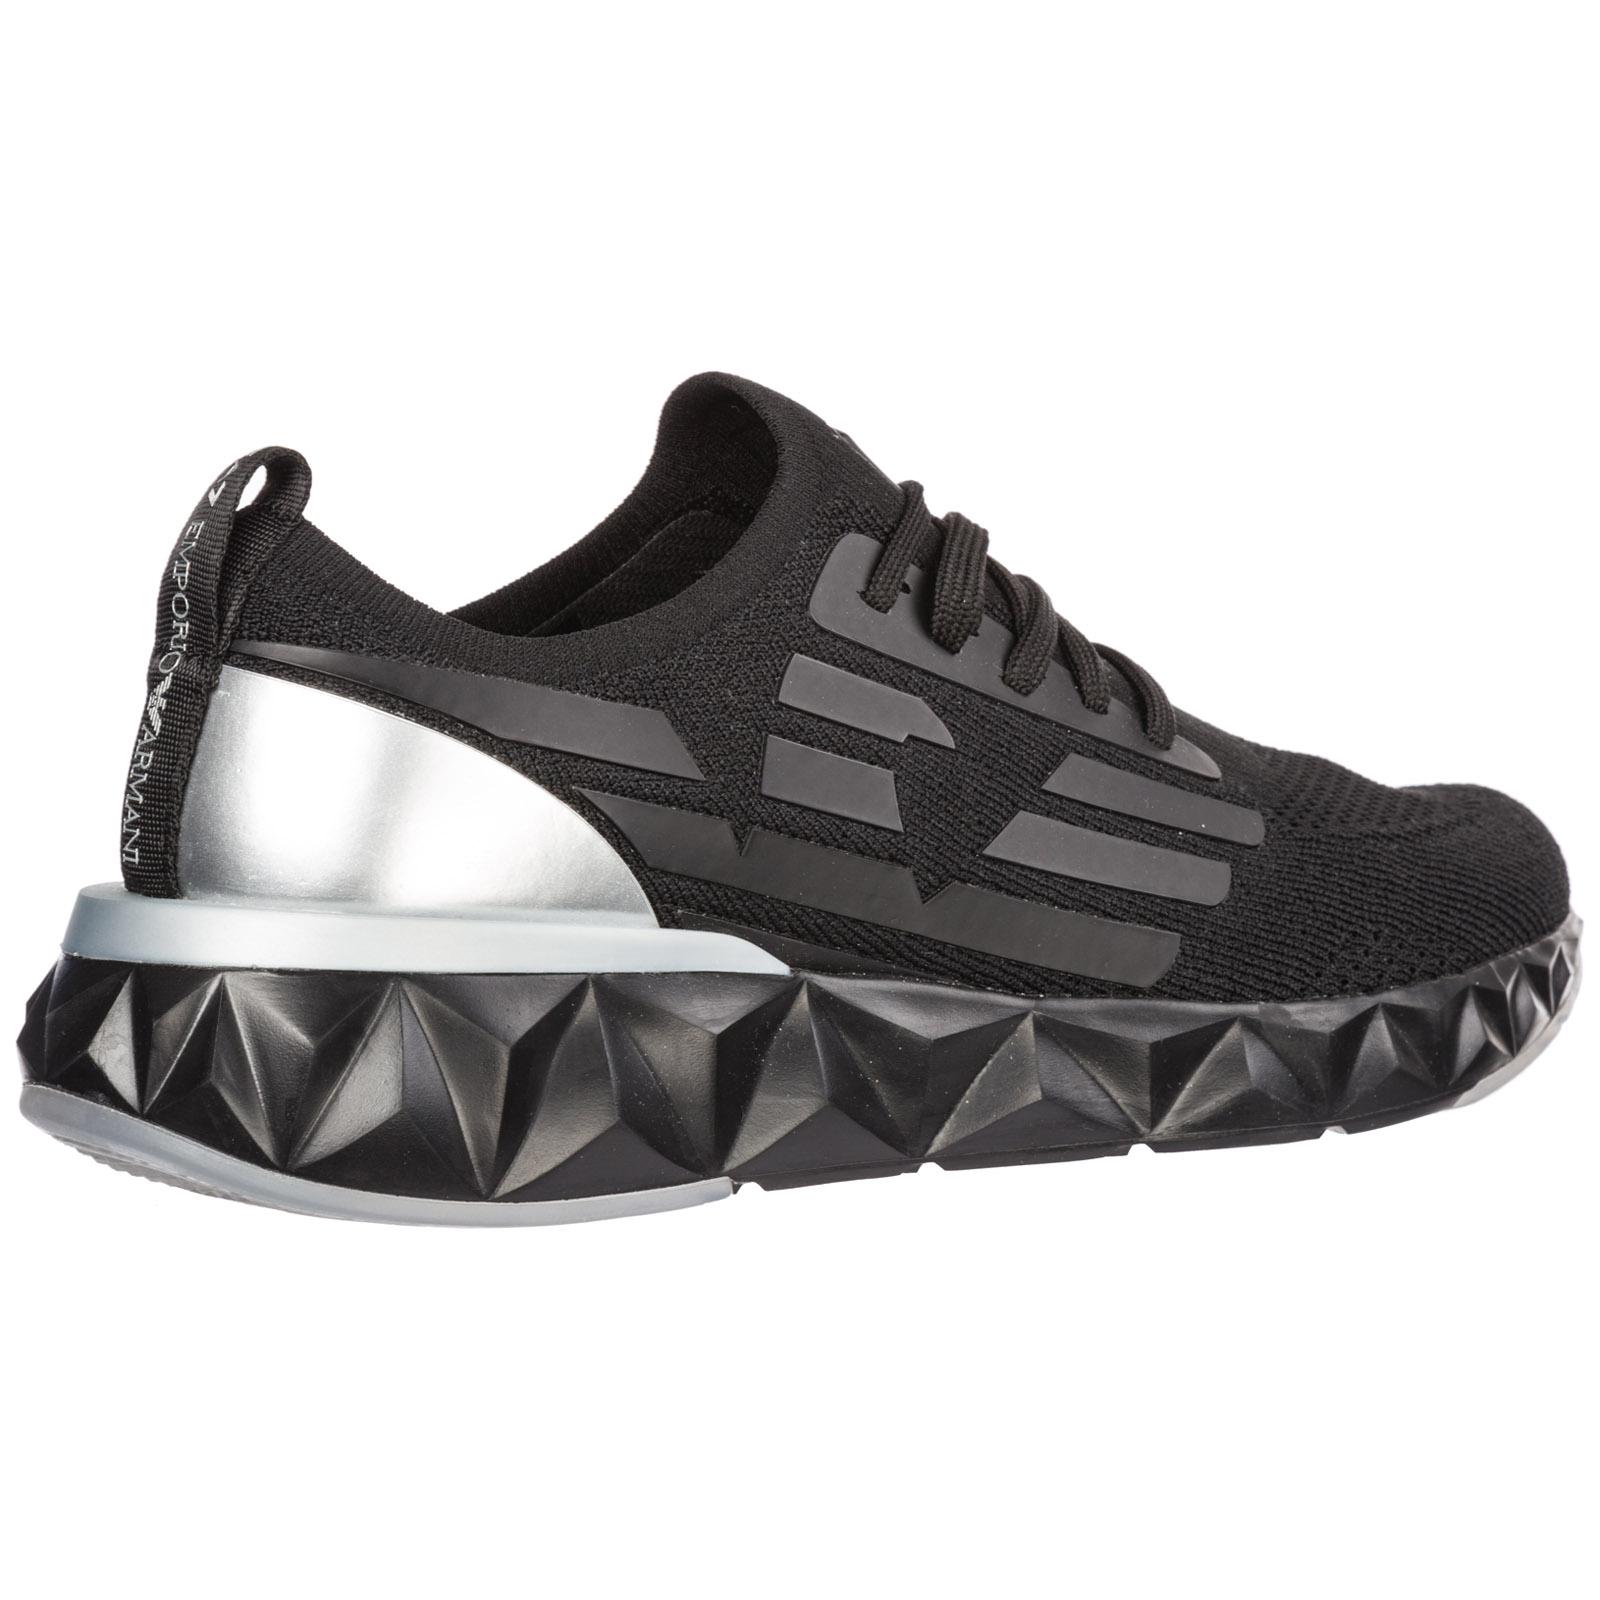 emporio armani ea7 sneaker, OFF 72%,Buy!